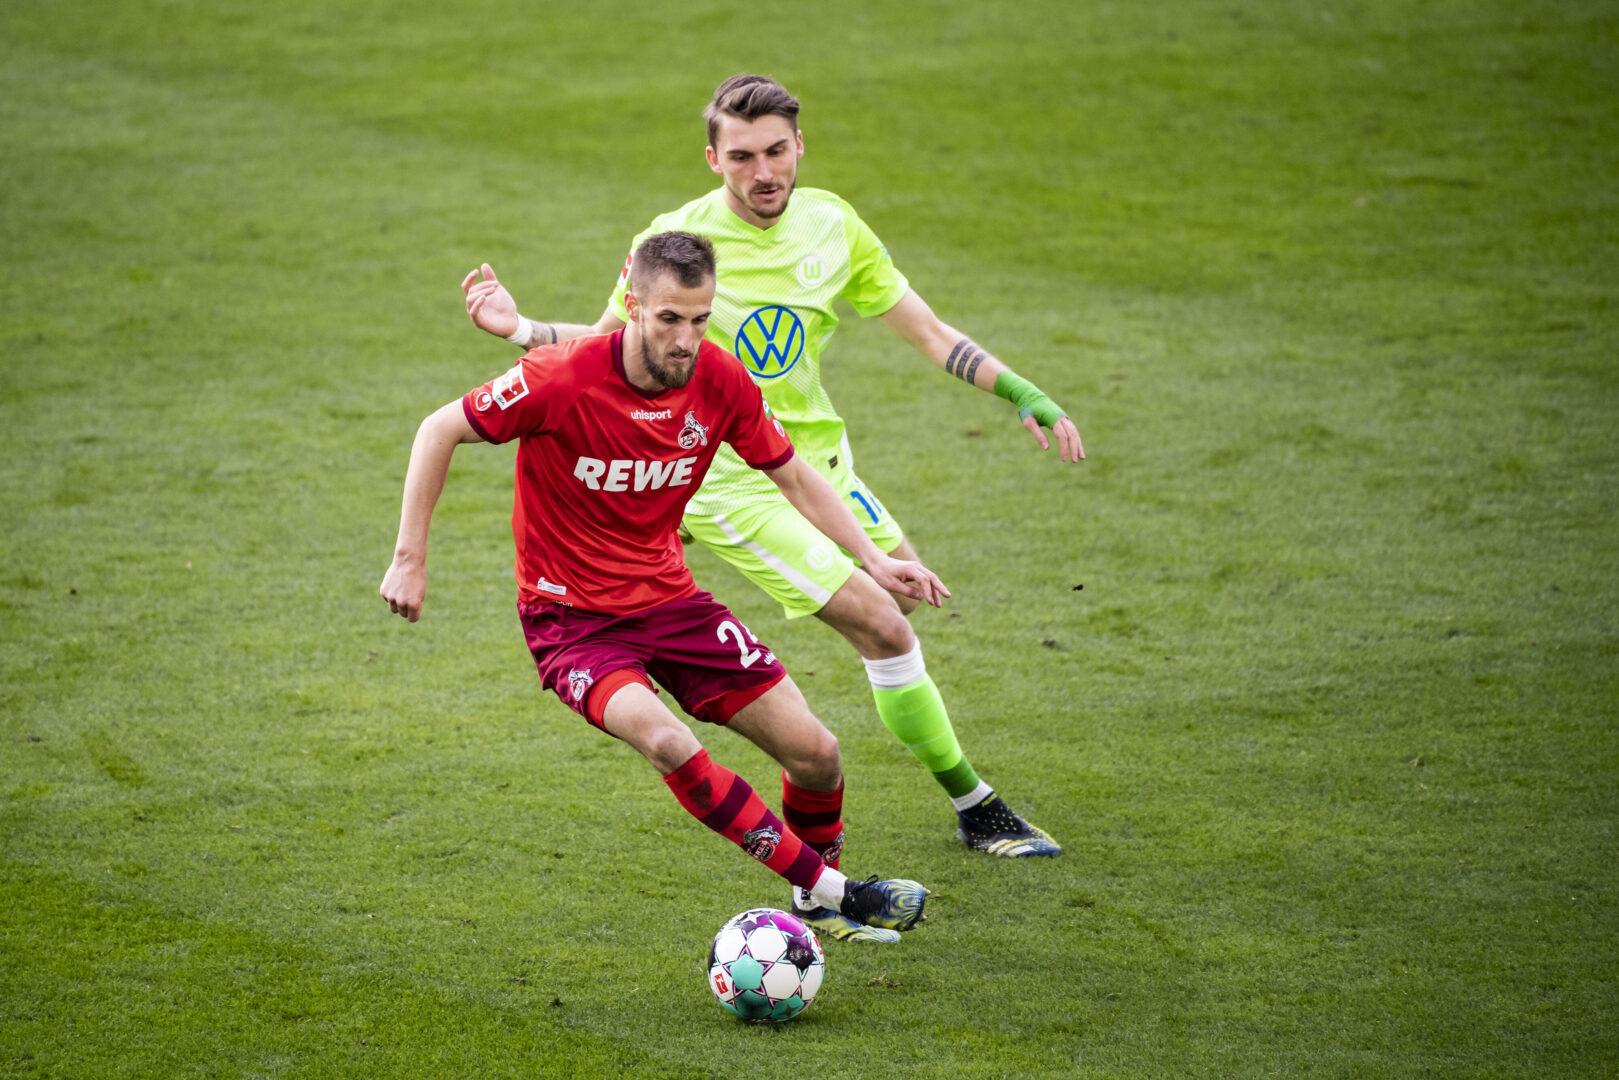 Bestätigt: Schalke 04 verpflichtet Dominick Drexler vom 1. FC Köln